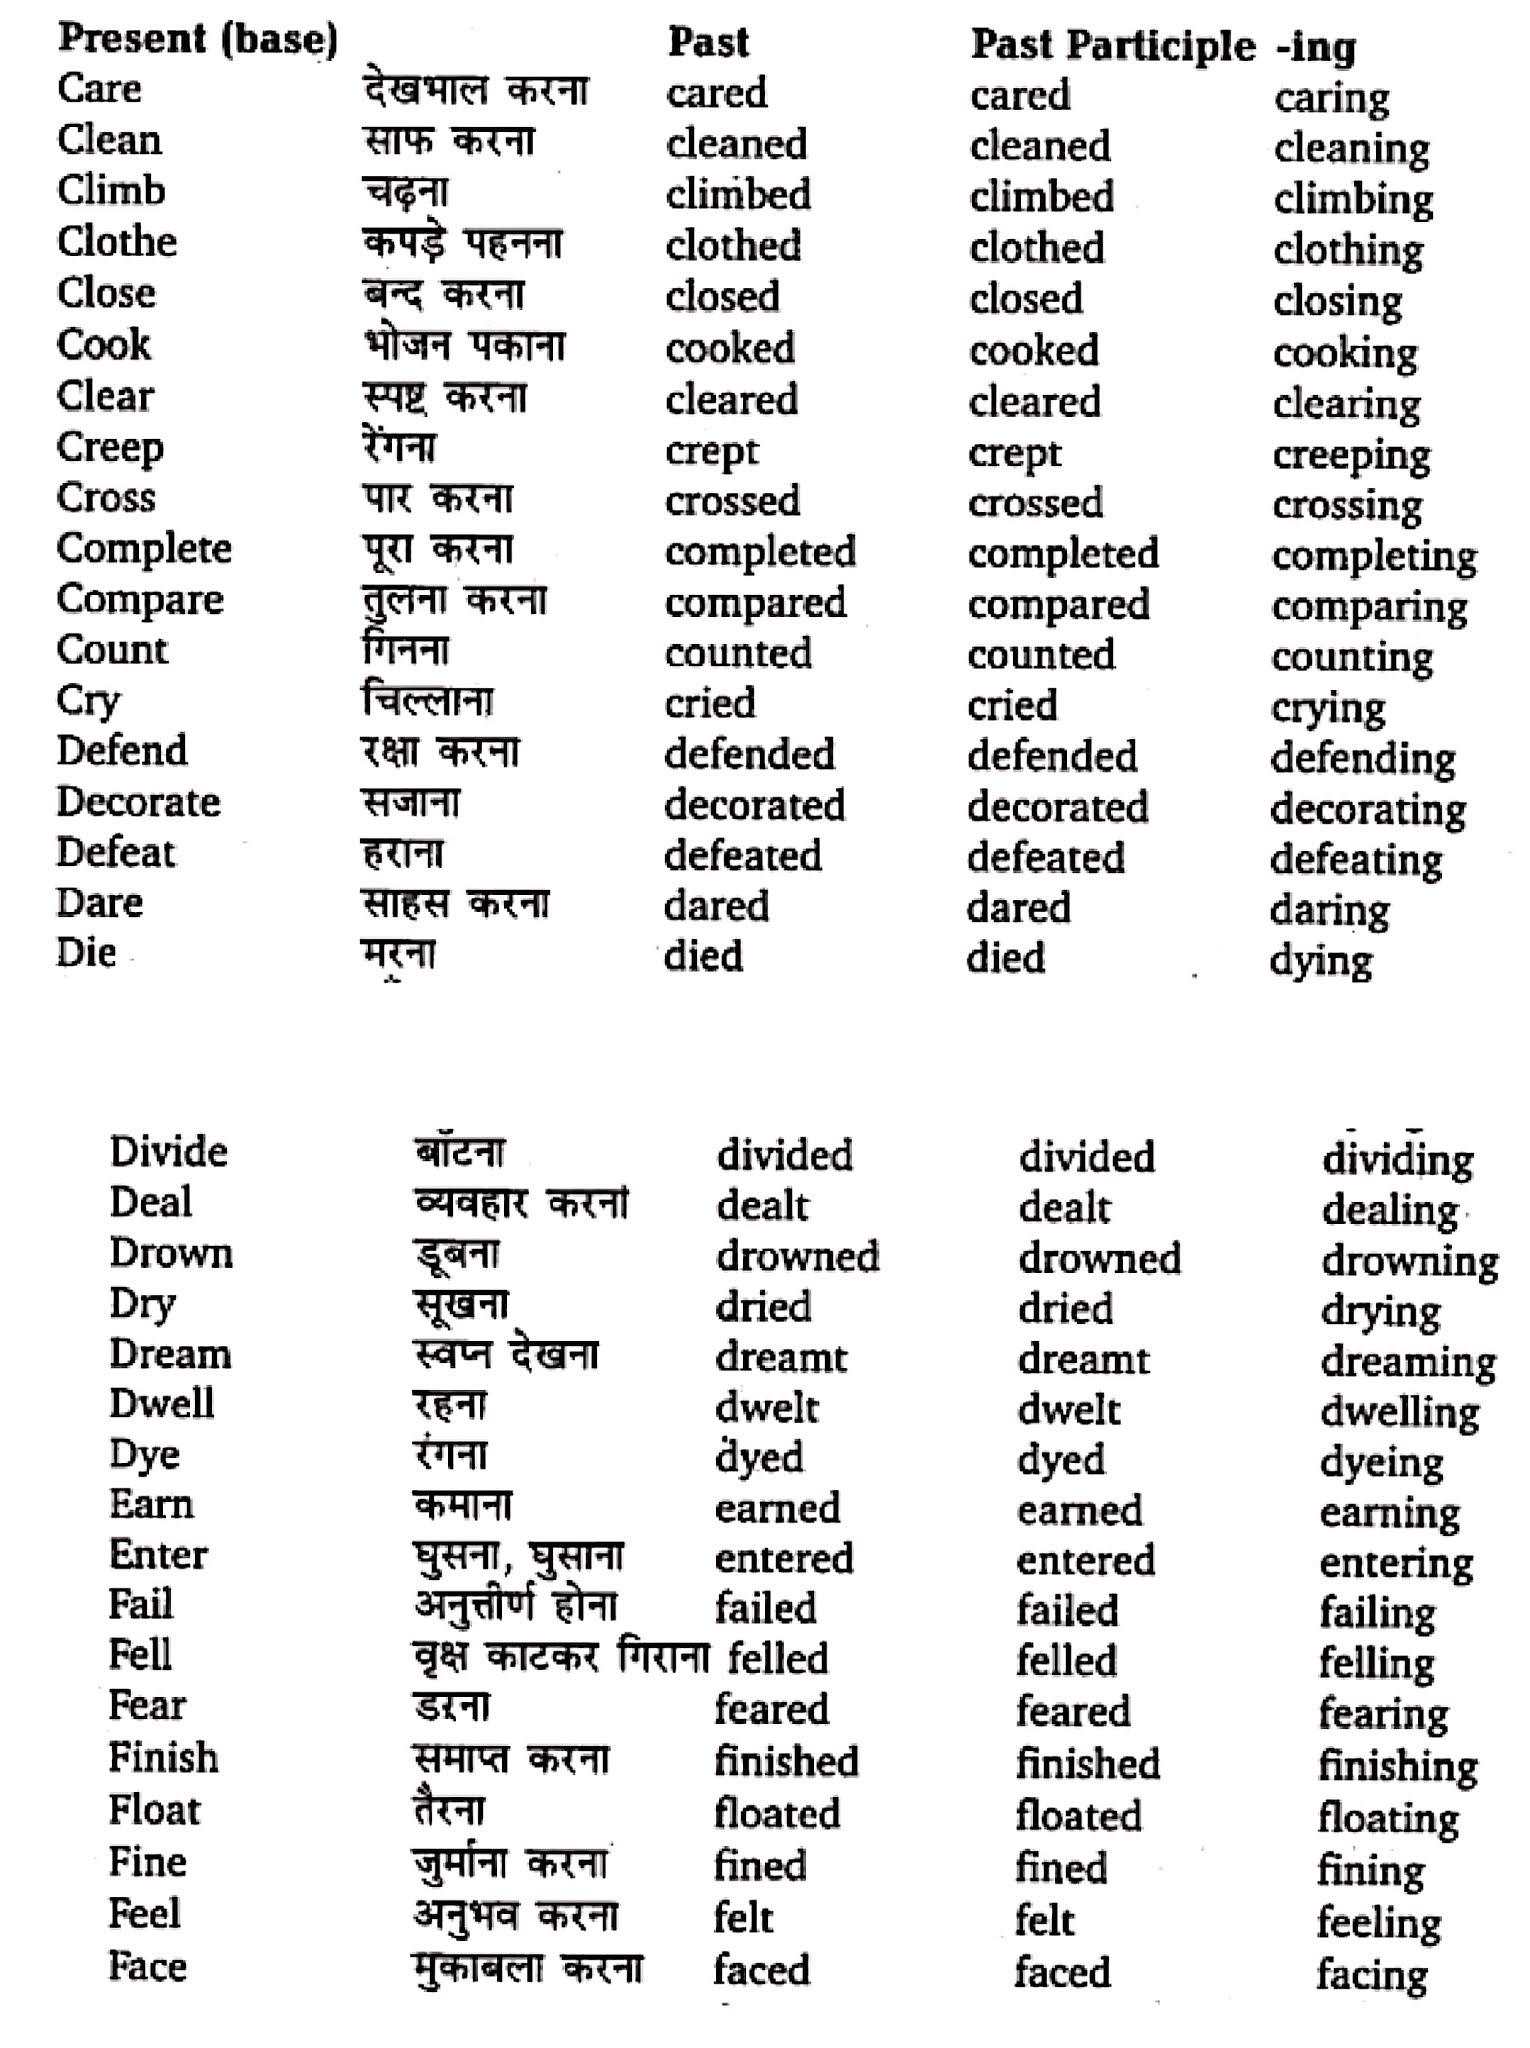 कक्षा 11 अंग्रेज़ी अनुवाद अध्याय 7 , कक्षा 11 अंग्रेज़ी का अनुवाद अध्याय 7,कक्षा 11 अंग्रेज़ी  के अनुवाद अध्याय 7  के नोट्स हिंदी में, कक्षा 11 का अंग्रेज़ी अनुवाद अध्याय 7 का प्रश्न उत्तर, कक्षा 11 अंग्रेज़ी  अनुवाद अध्याय 7  के नोट्स, 11 कक्षा अंग्रेज़ी  अनुवाद अध्याय 7   हिंदी में,कक्षा 11 अंग्रेज़ी  अनुवाद अध्याय 7  हिंदी में, कक्षा 11 अंग्रेज़ी  अनुवाद अध्याय 7  महत्वपूर्ण प्रश्न हिंदी में,कक्षा 11 के अंग्रेज़ी के नोट्स हिंदी में,अंग्रेज़ी  कक्षा 11 नोट्स pdf,